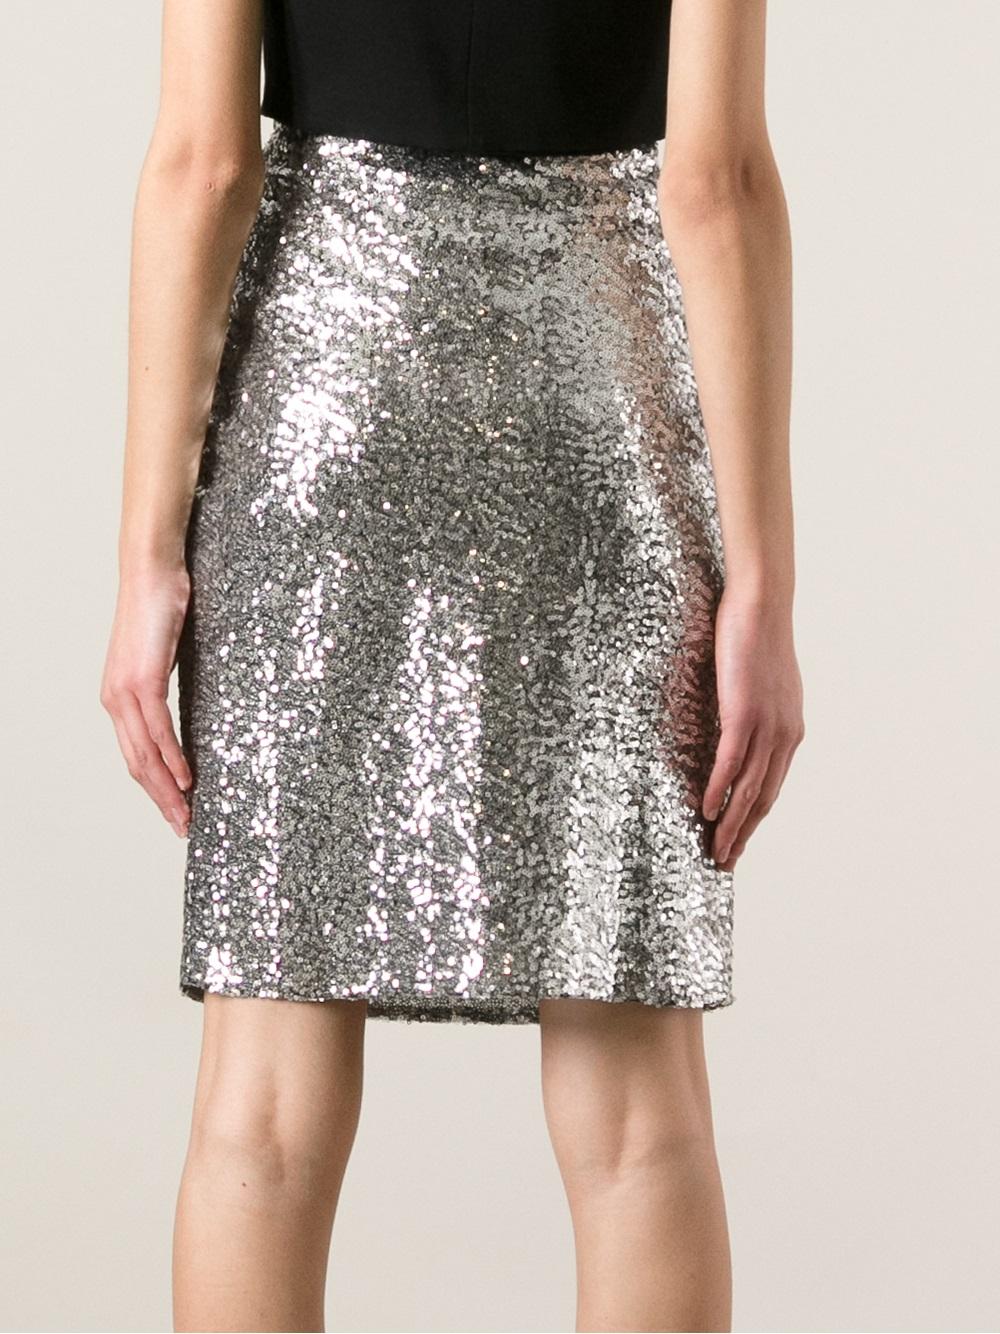 Philipp plein Sequin Skirt in Metallic | Lyst